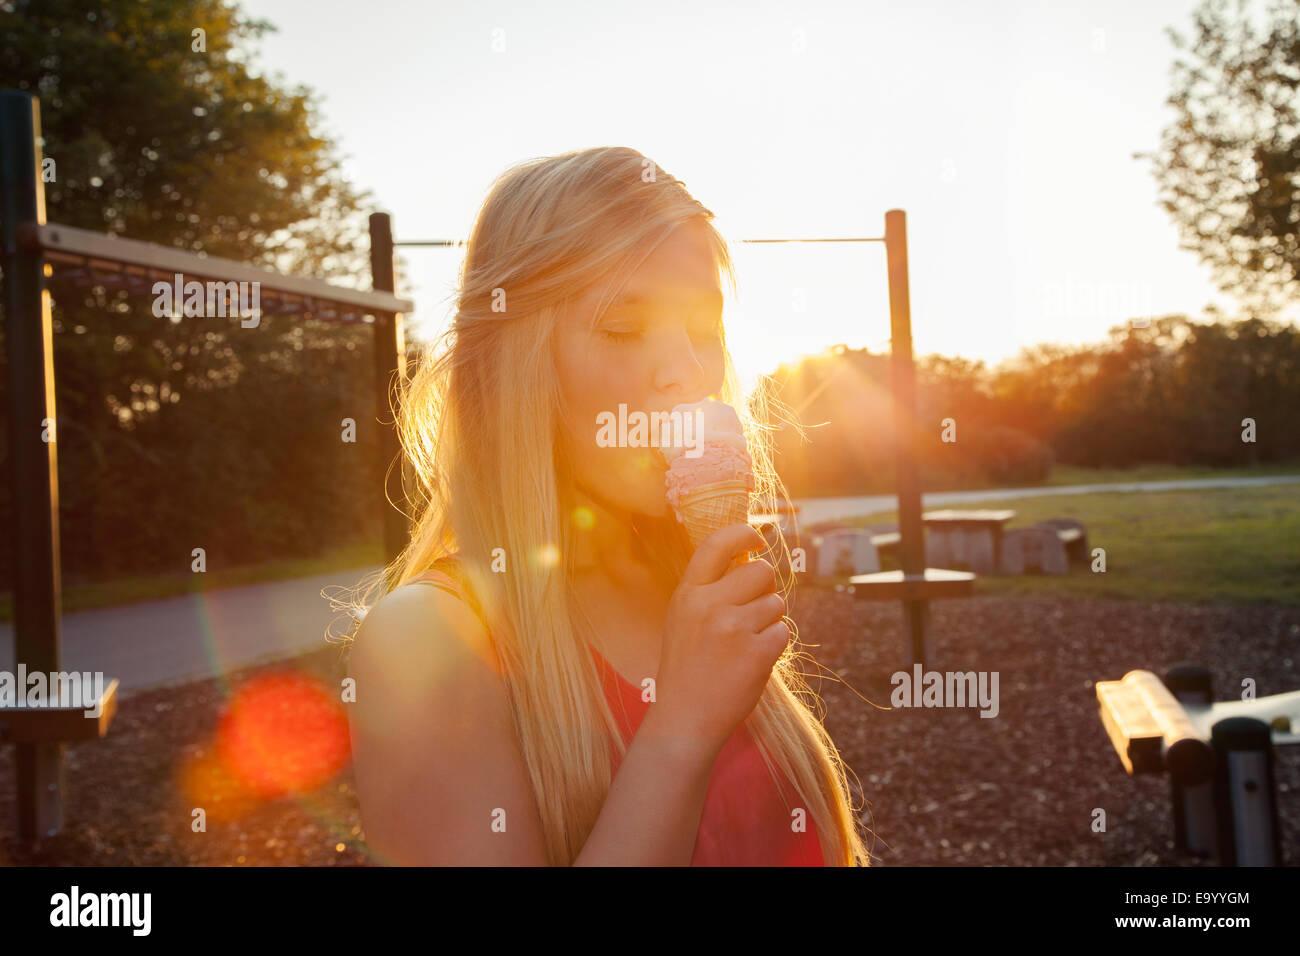 Giovane donna a mangiare il gelato in cono park al tramonto Immagini Stock